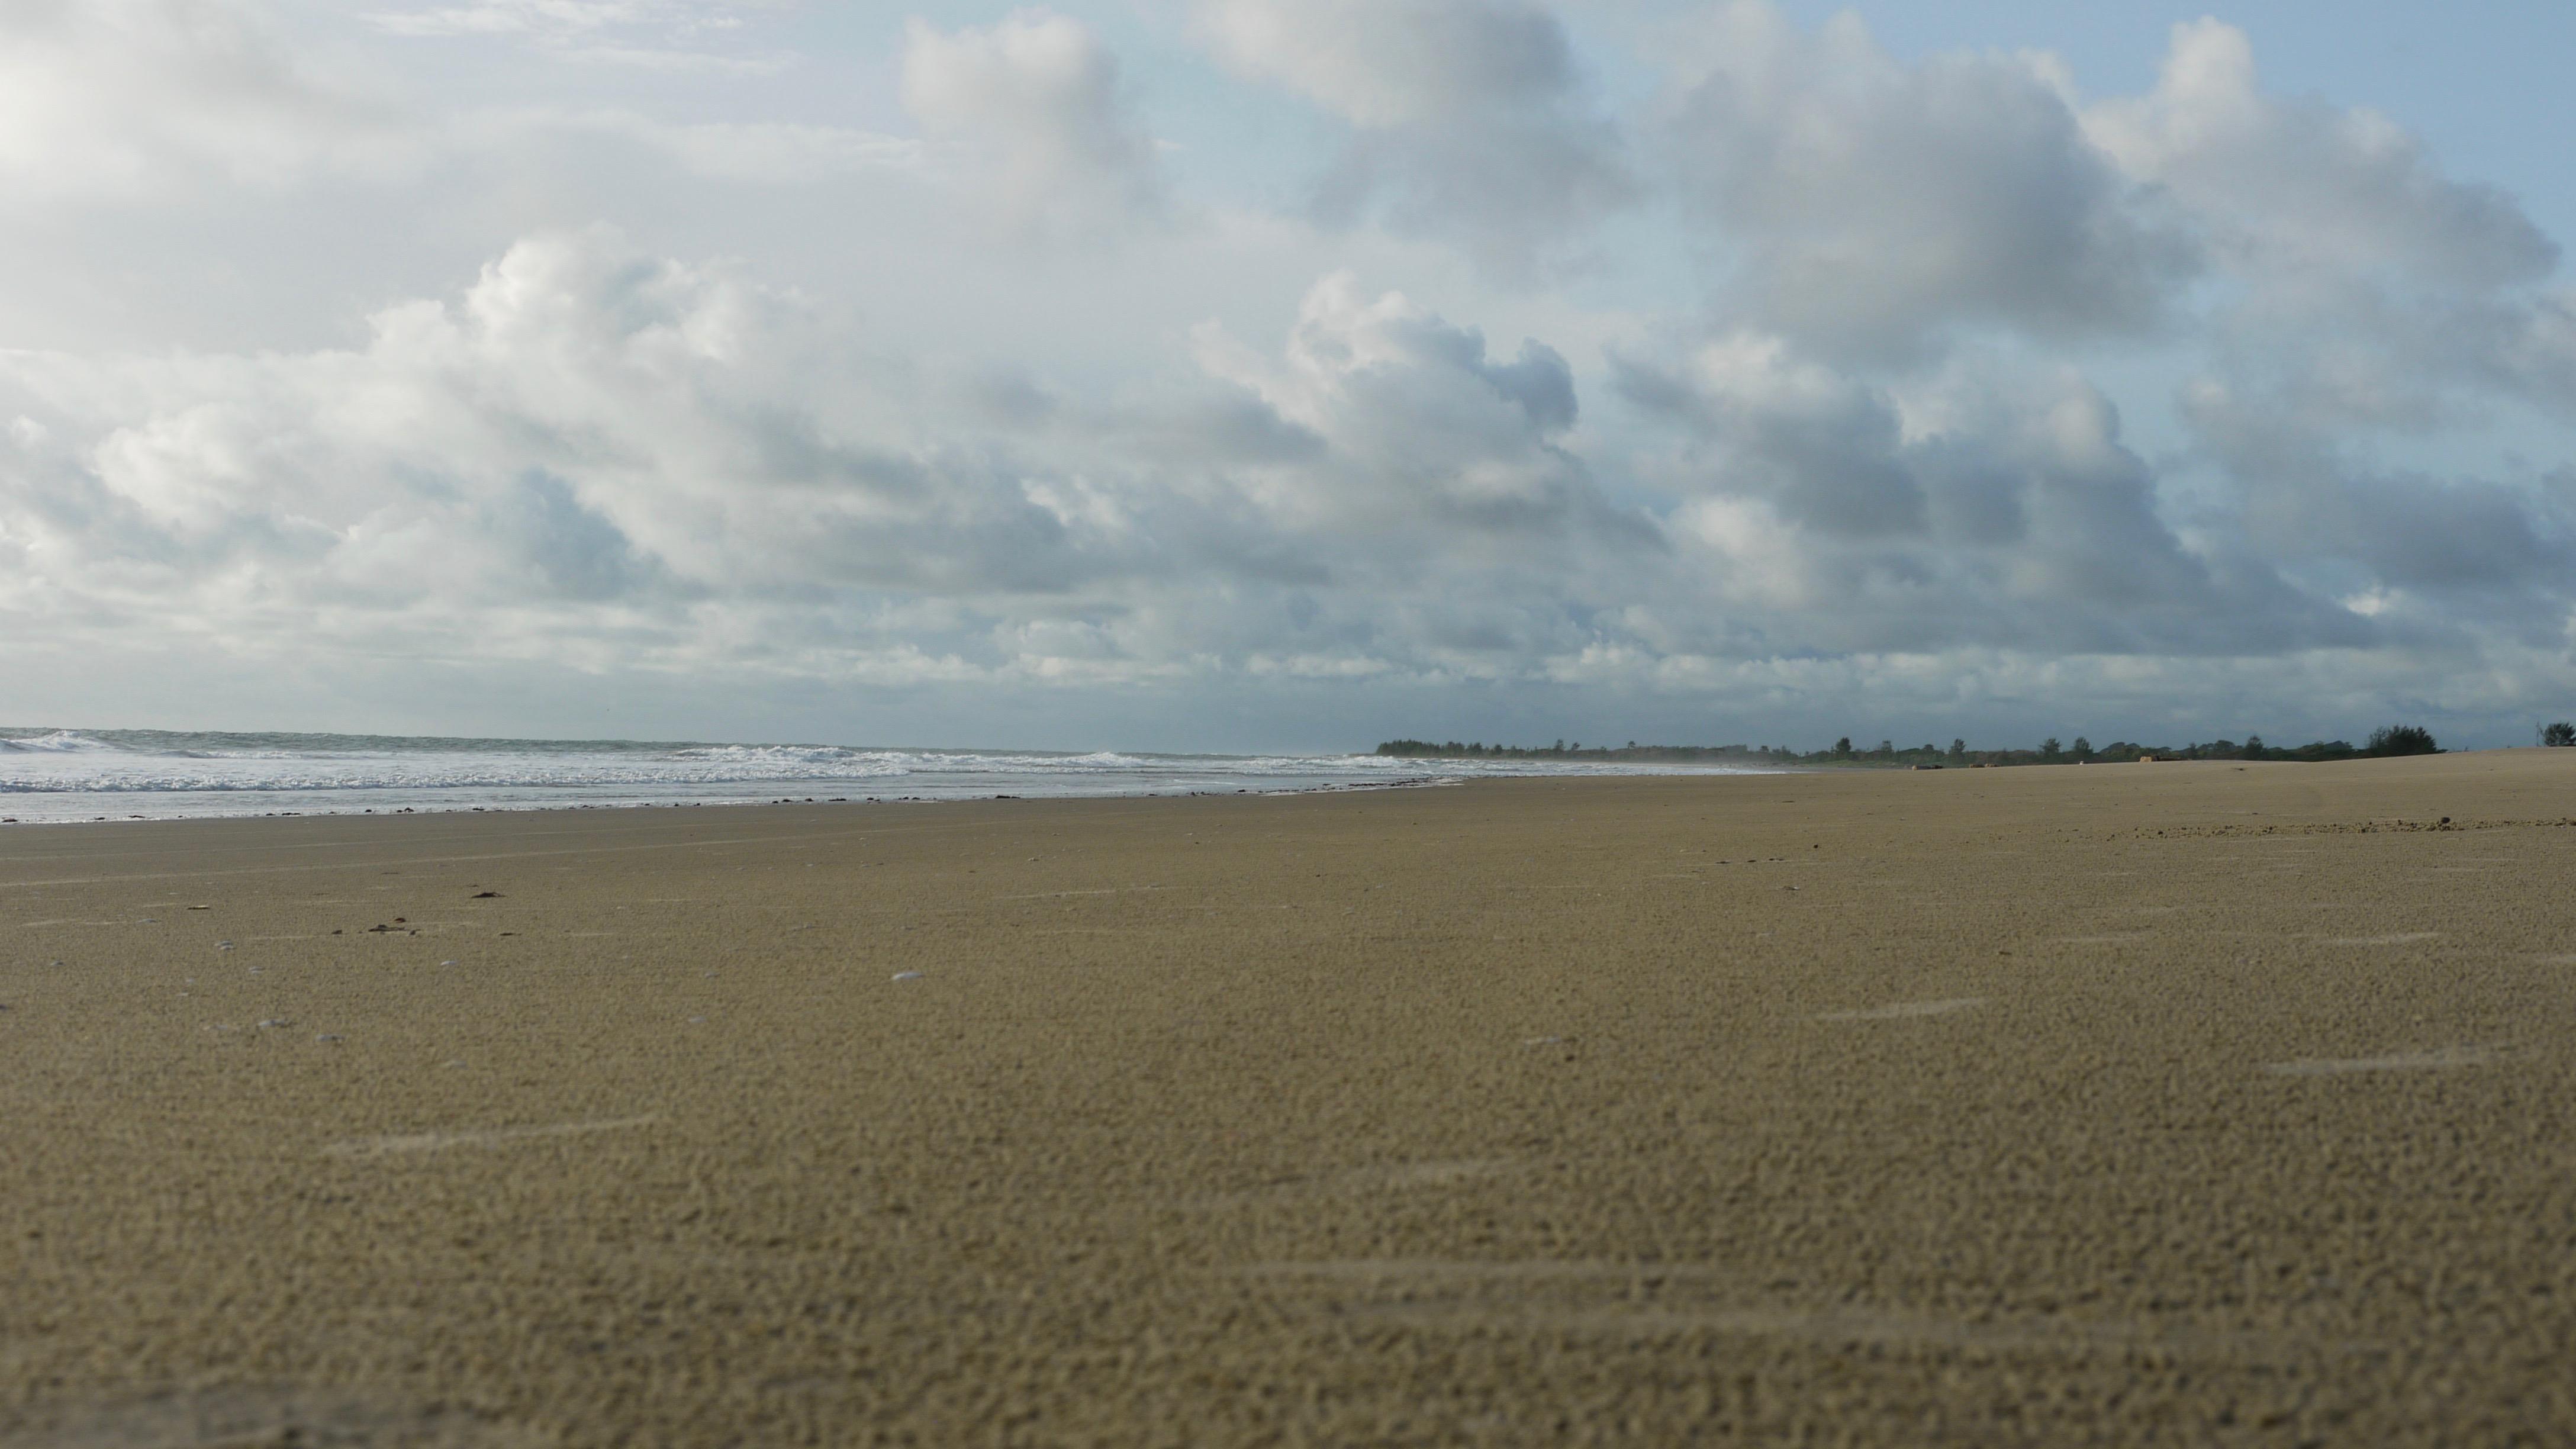 La plage après la pluie